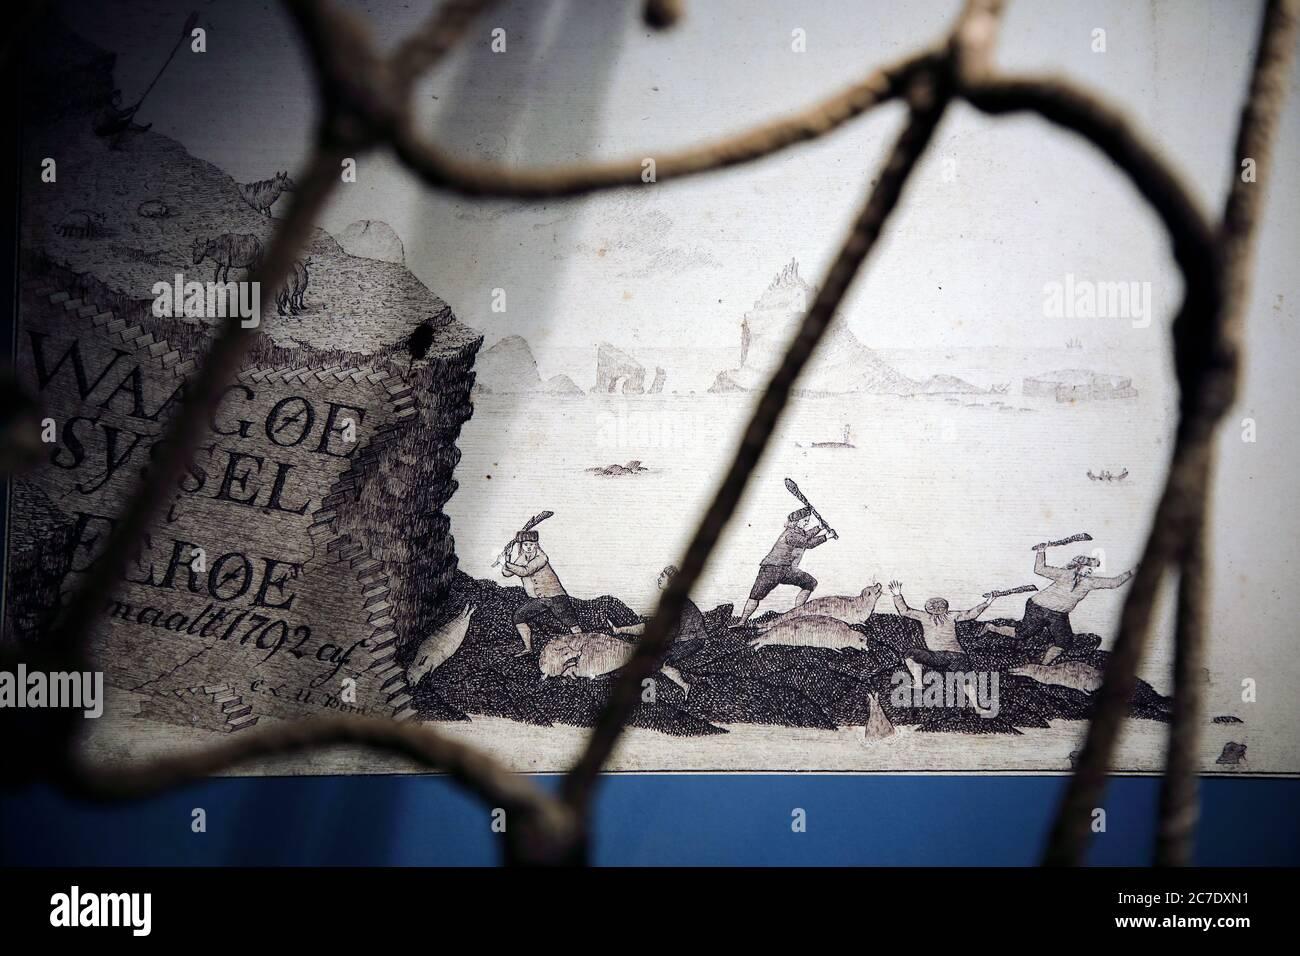 Dessin historique de la scène locale de chasse à la baleine dans le Musée national des îles Féroé.Torshavn.Streymoy.Îles Féroé.territoire du Danemark Banque D'Images